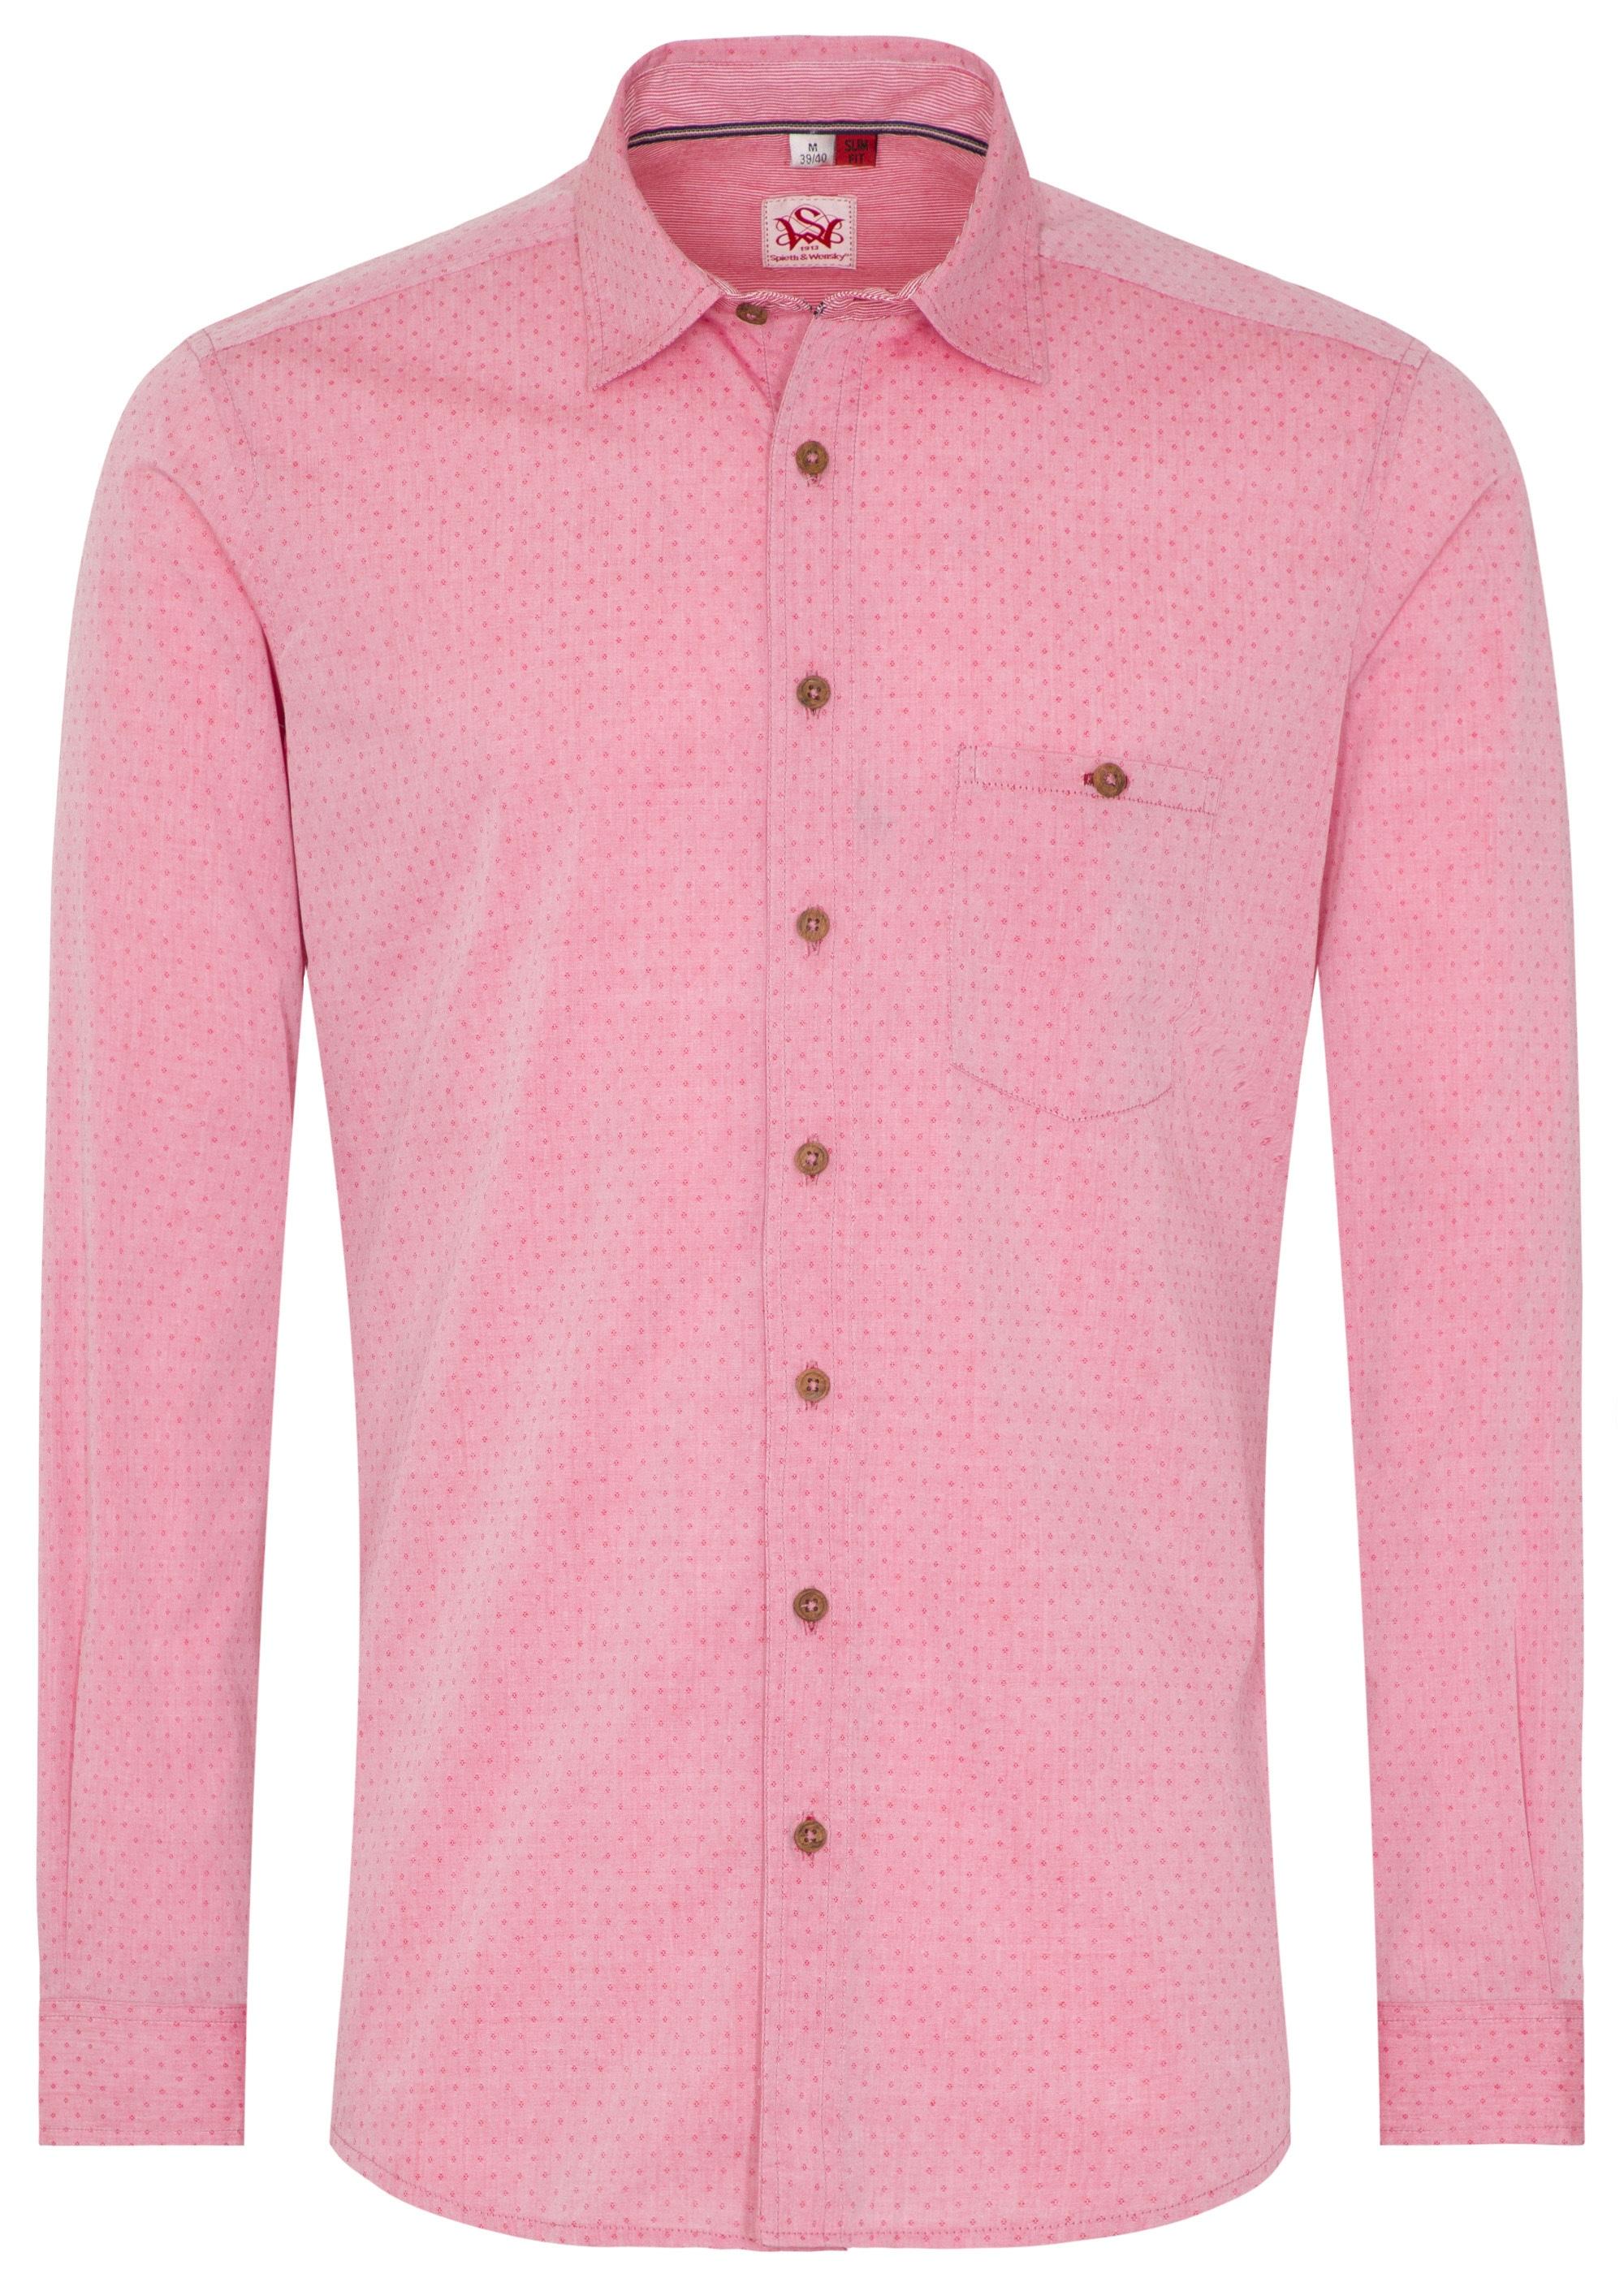 Spieth & Wensky Trachtenhemd ´´Kelberg´´ | Bekleidung > Hemden > Trachtenhemden | Rot | Baumwolle | Spieth & Wensky